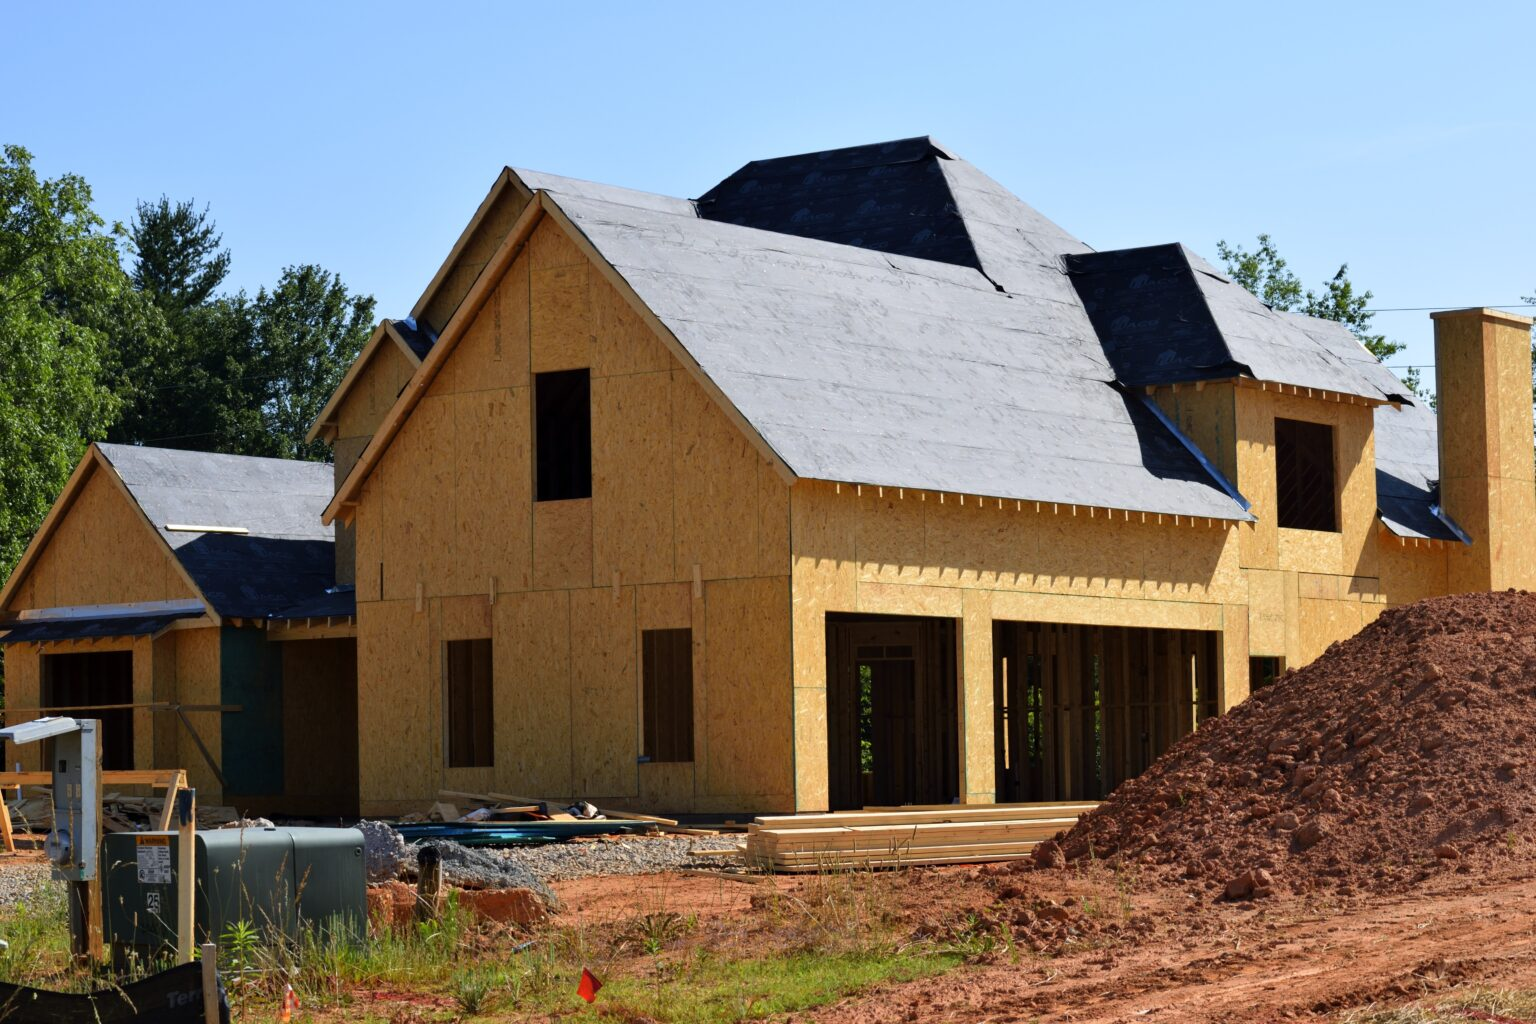 Especulação imobiliária: a atividade de lucrar com a valorização de imóveis